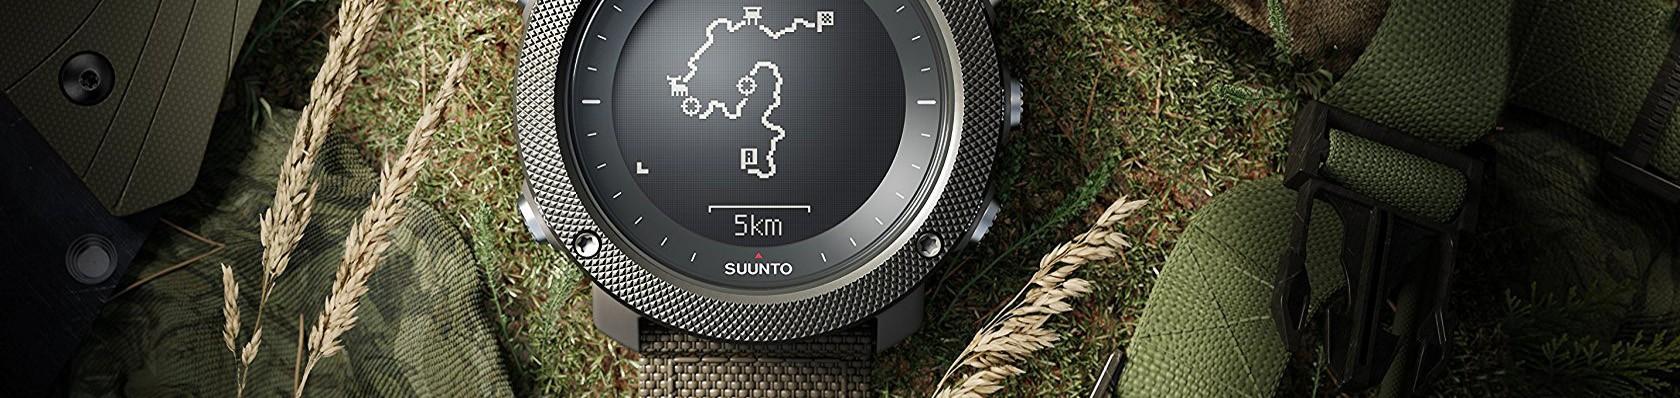 Outdoor Uhren im Test auf ExpertenTesten.de